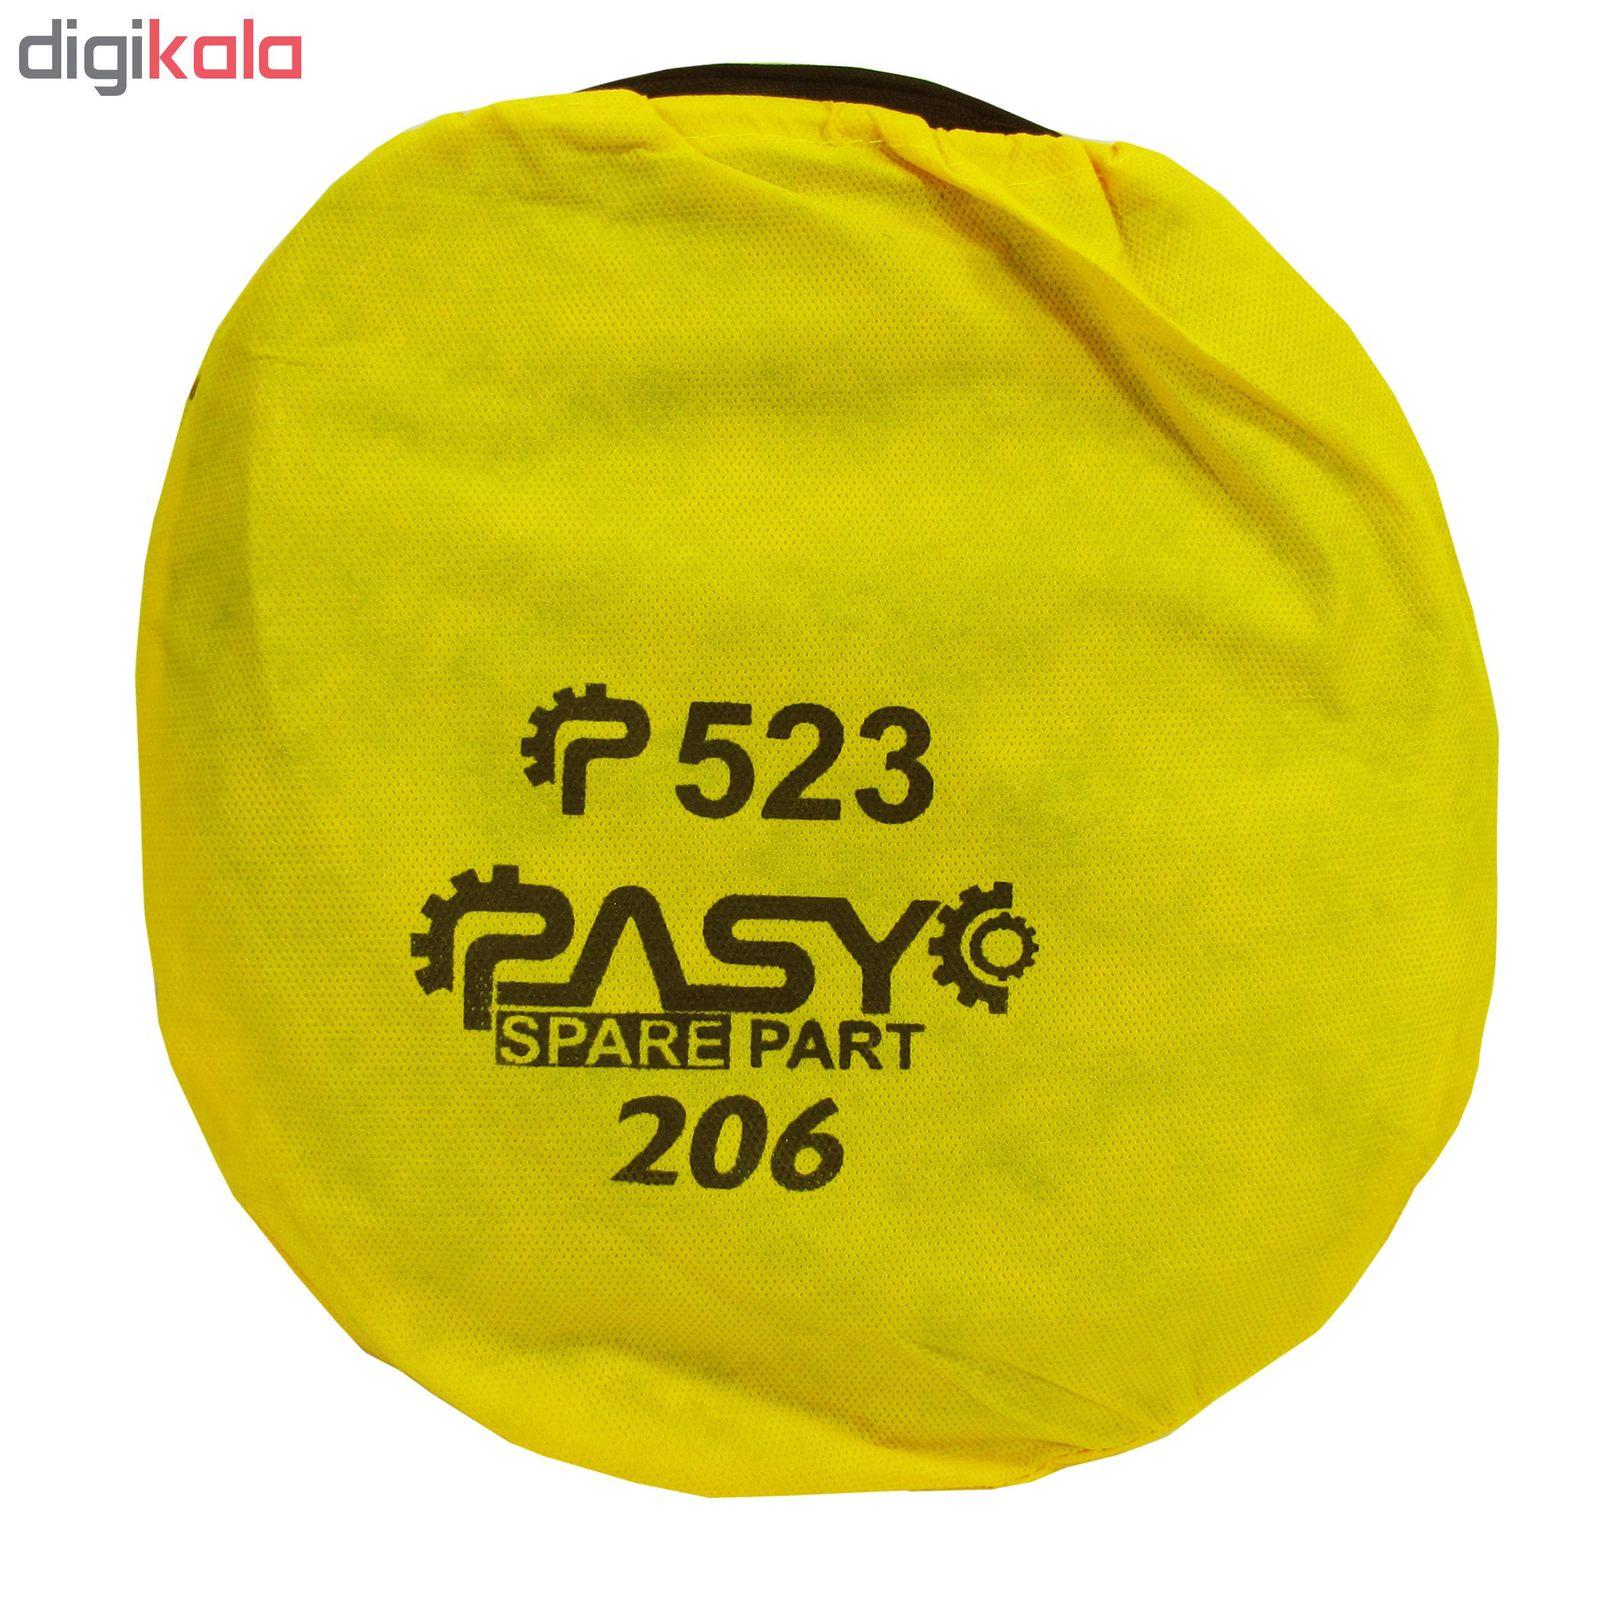 آفتاب گیر شیشه خودرو پاسیکو مدل P526 مناسب برای پژو 206 بسته 4 عددی main 1 5